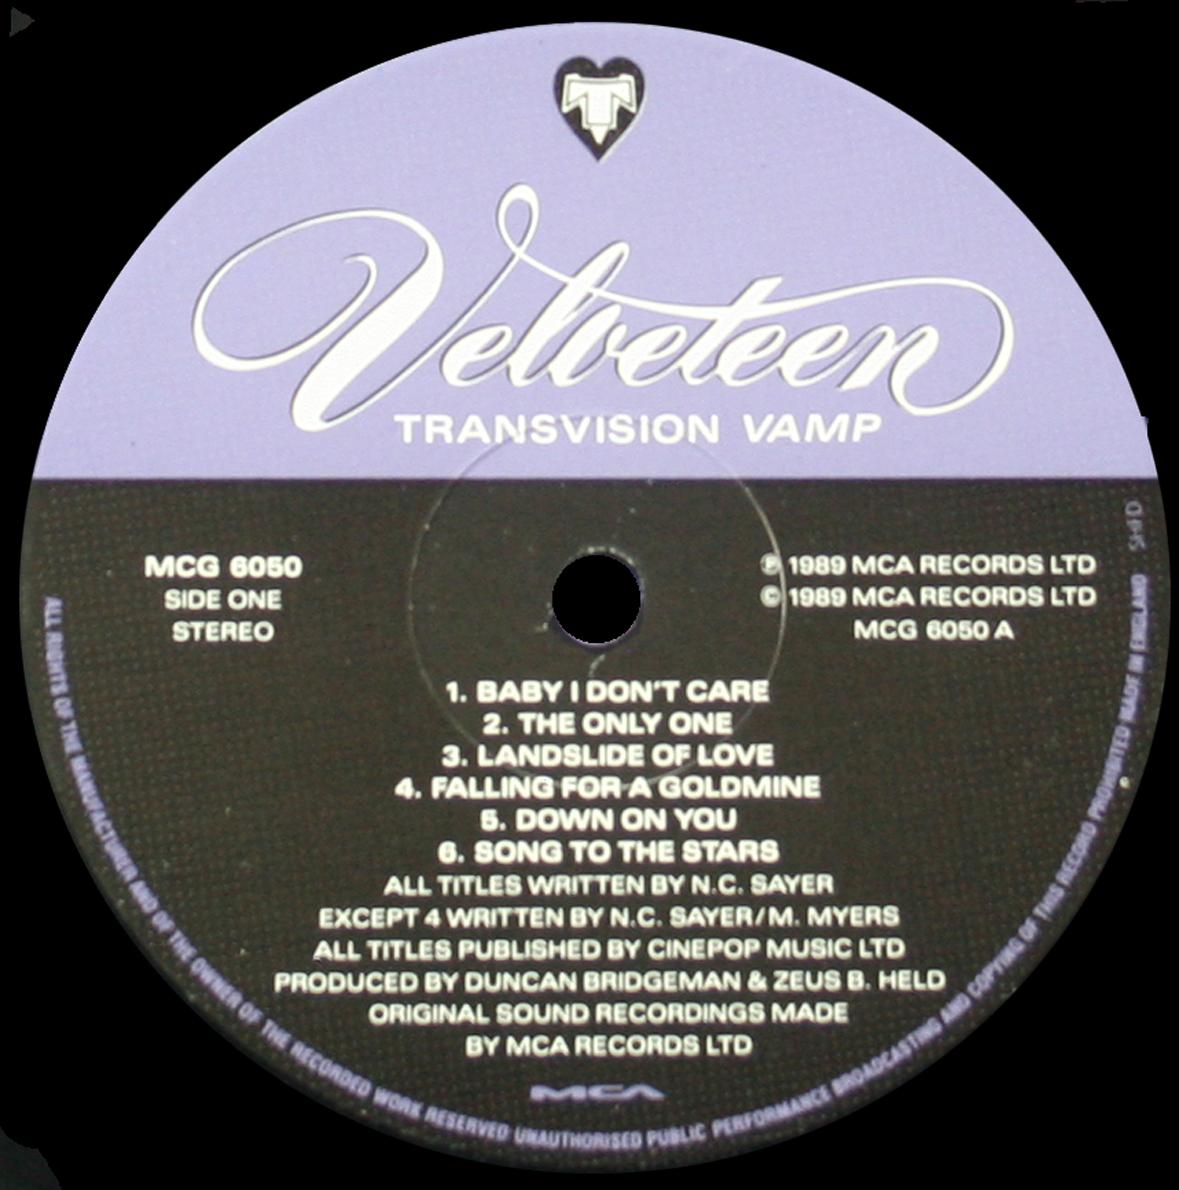 Transvision Vamp - Velveteen LP UK Scarce Glam